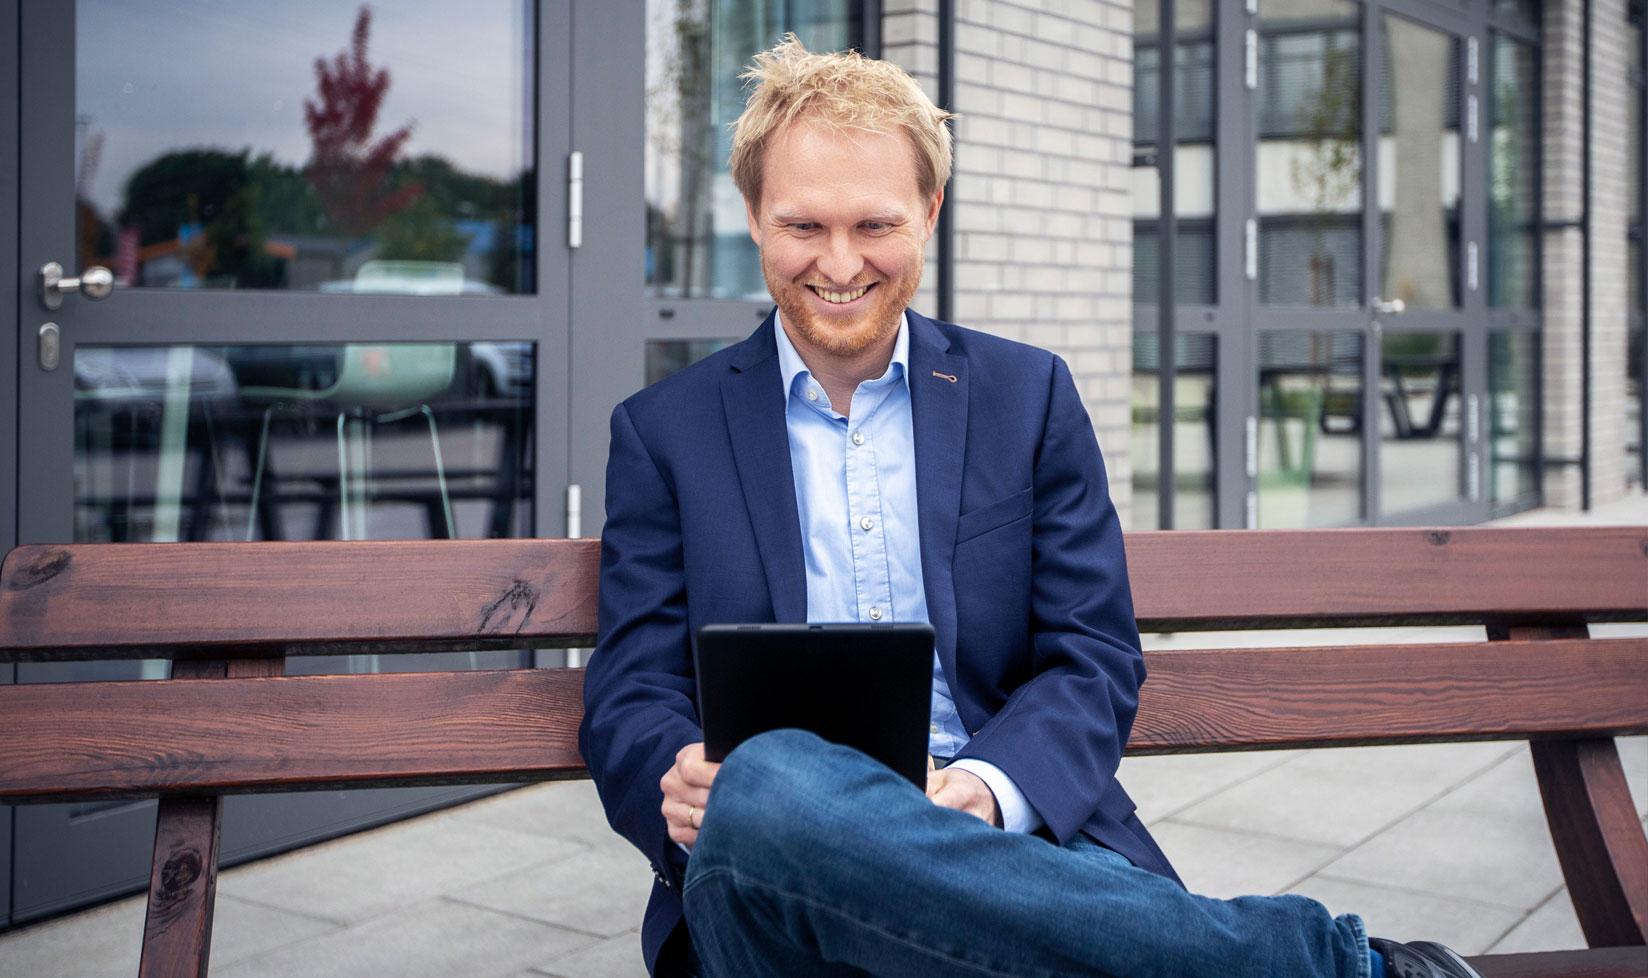 Mann sitzt auf einer Bank mit einem Tablet